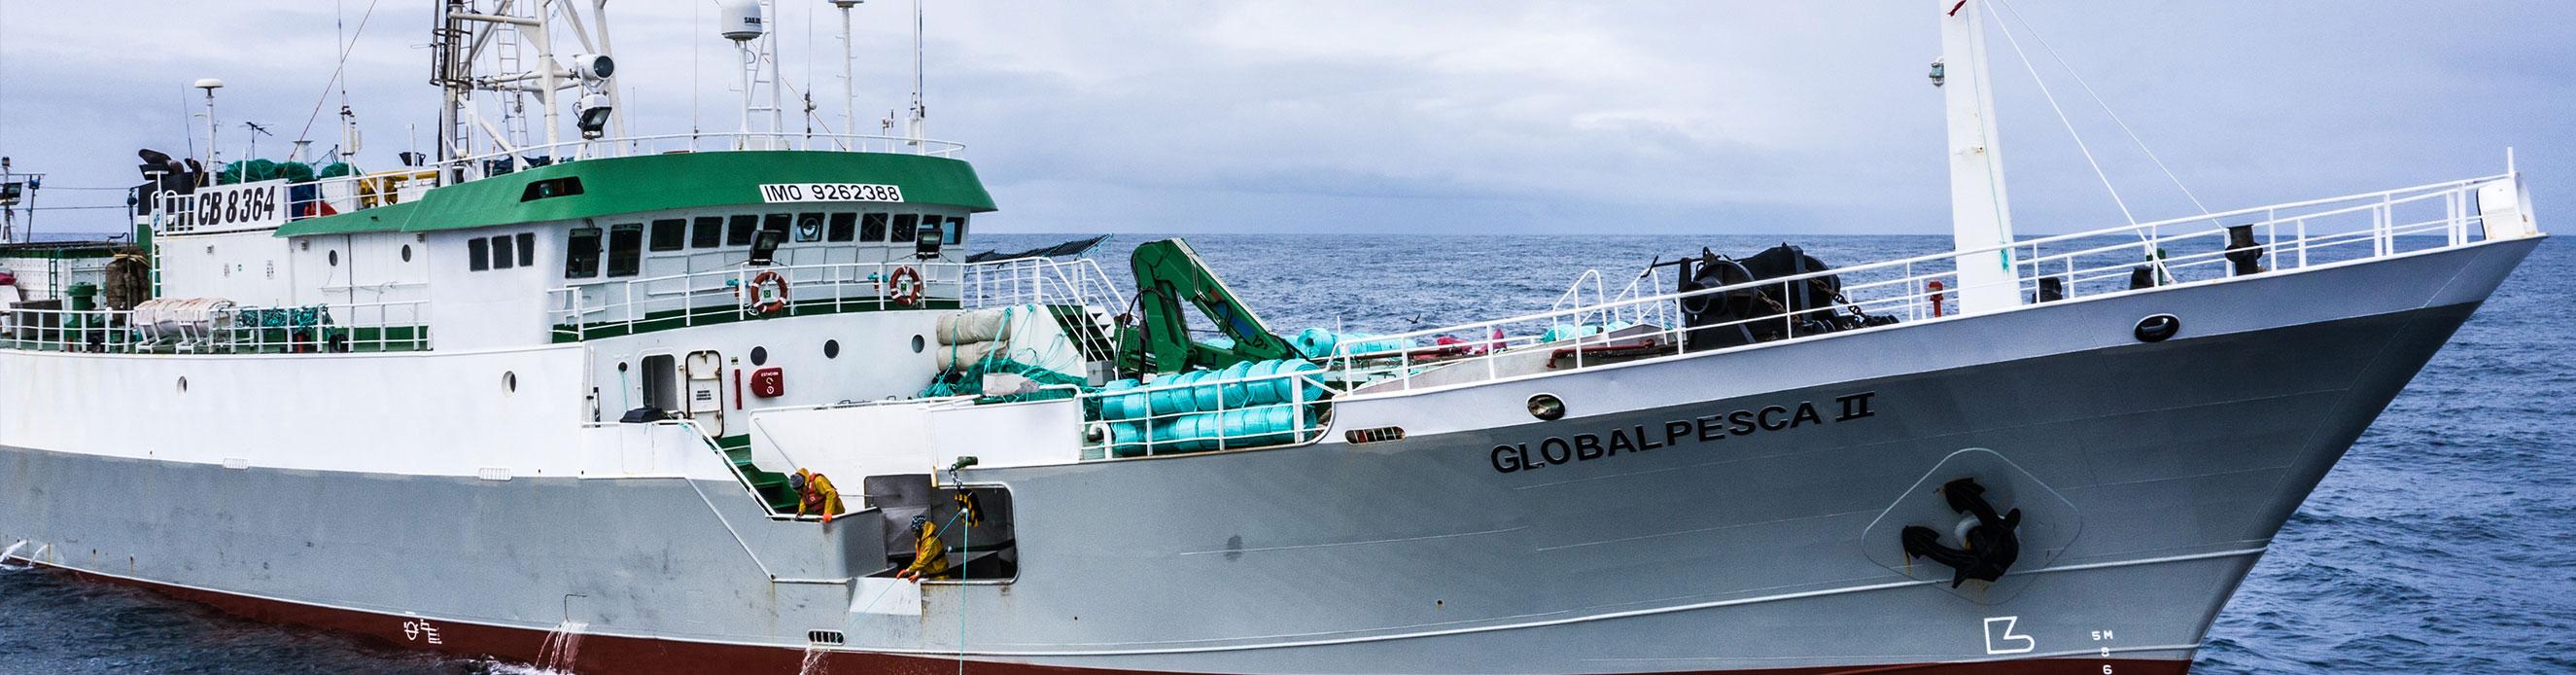 Global Pesca